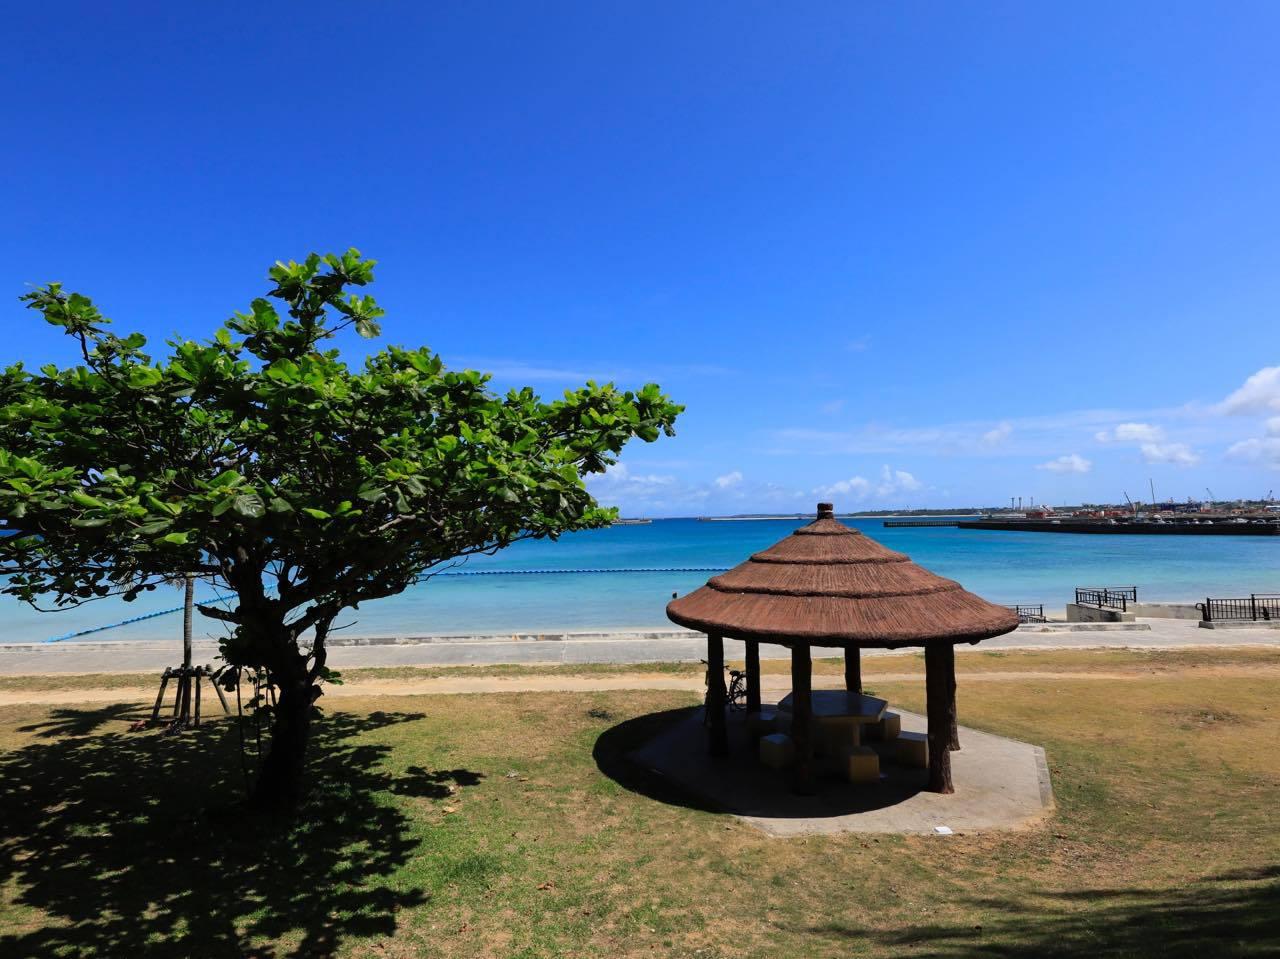 ホテルで沖縄グルメを堪能